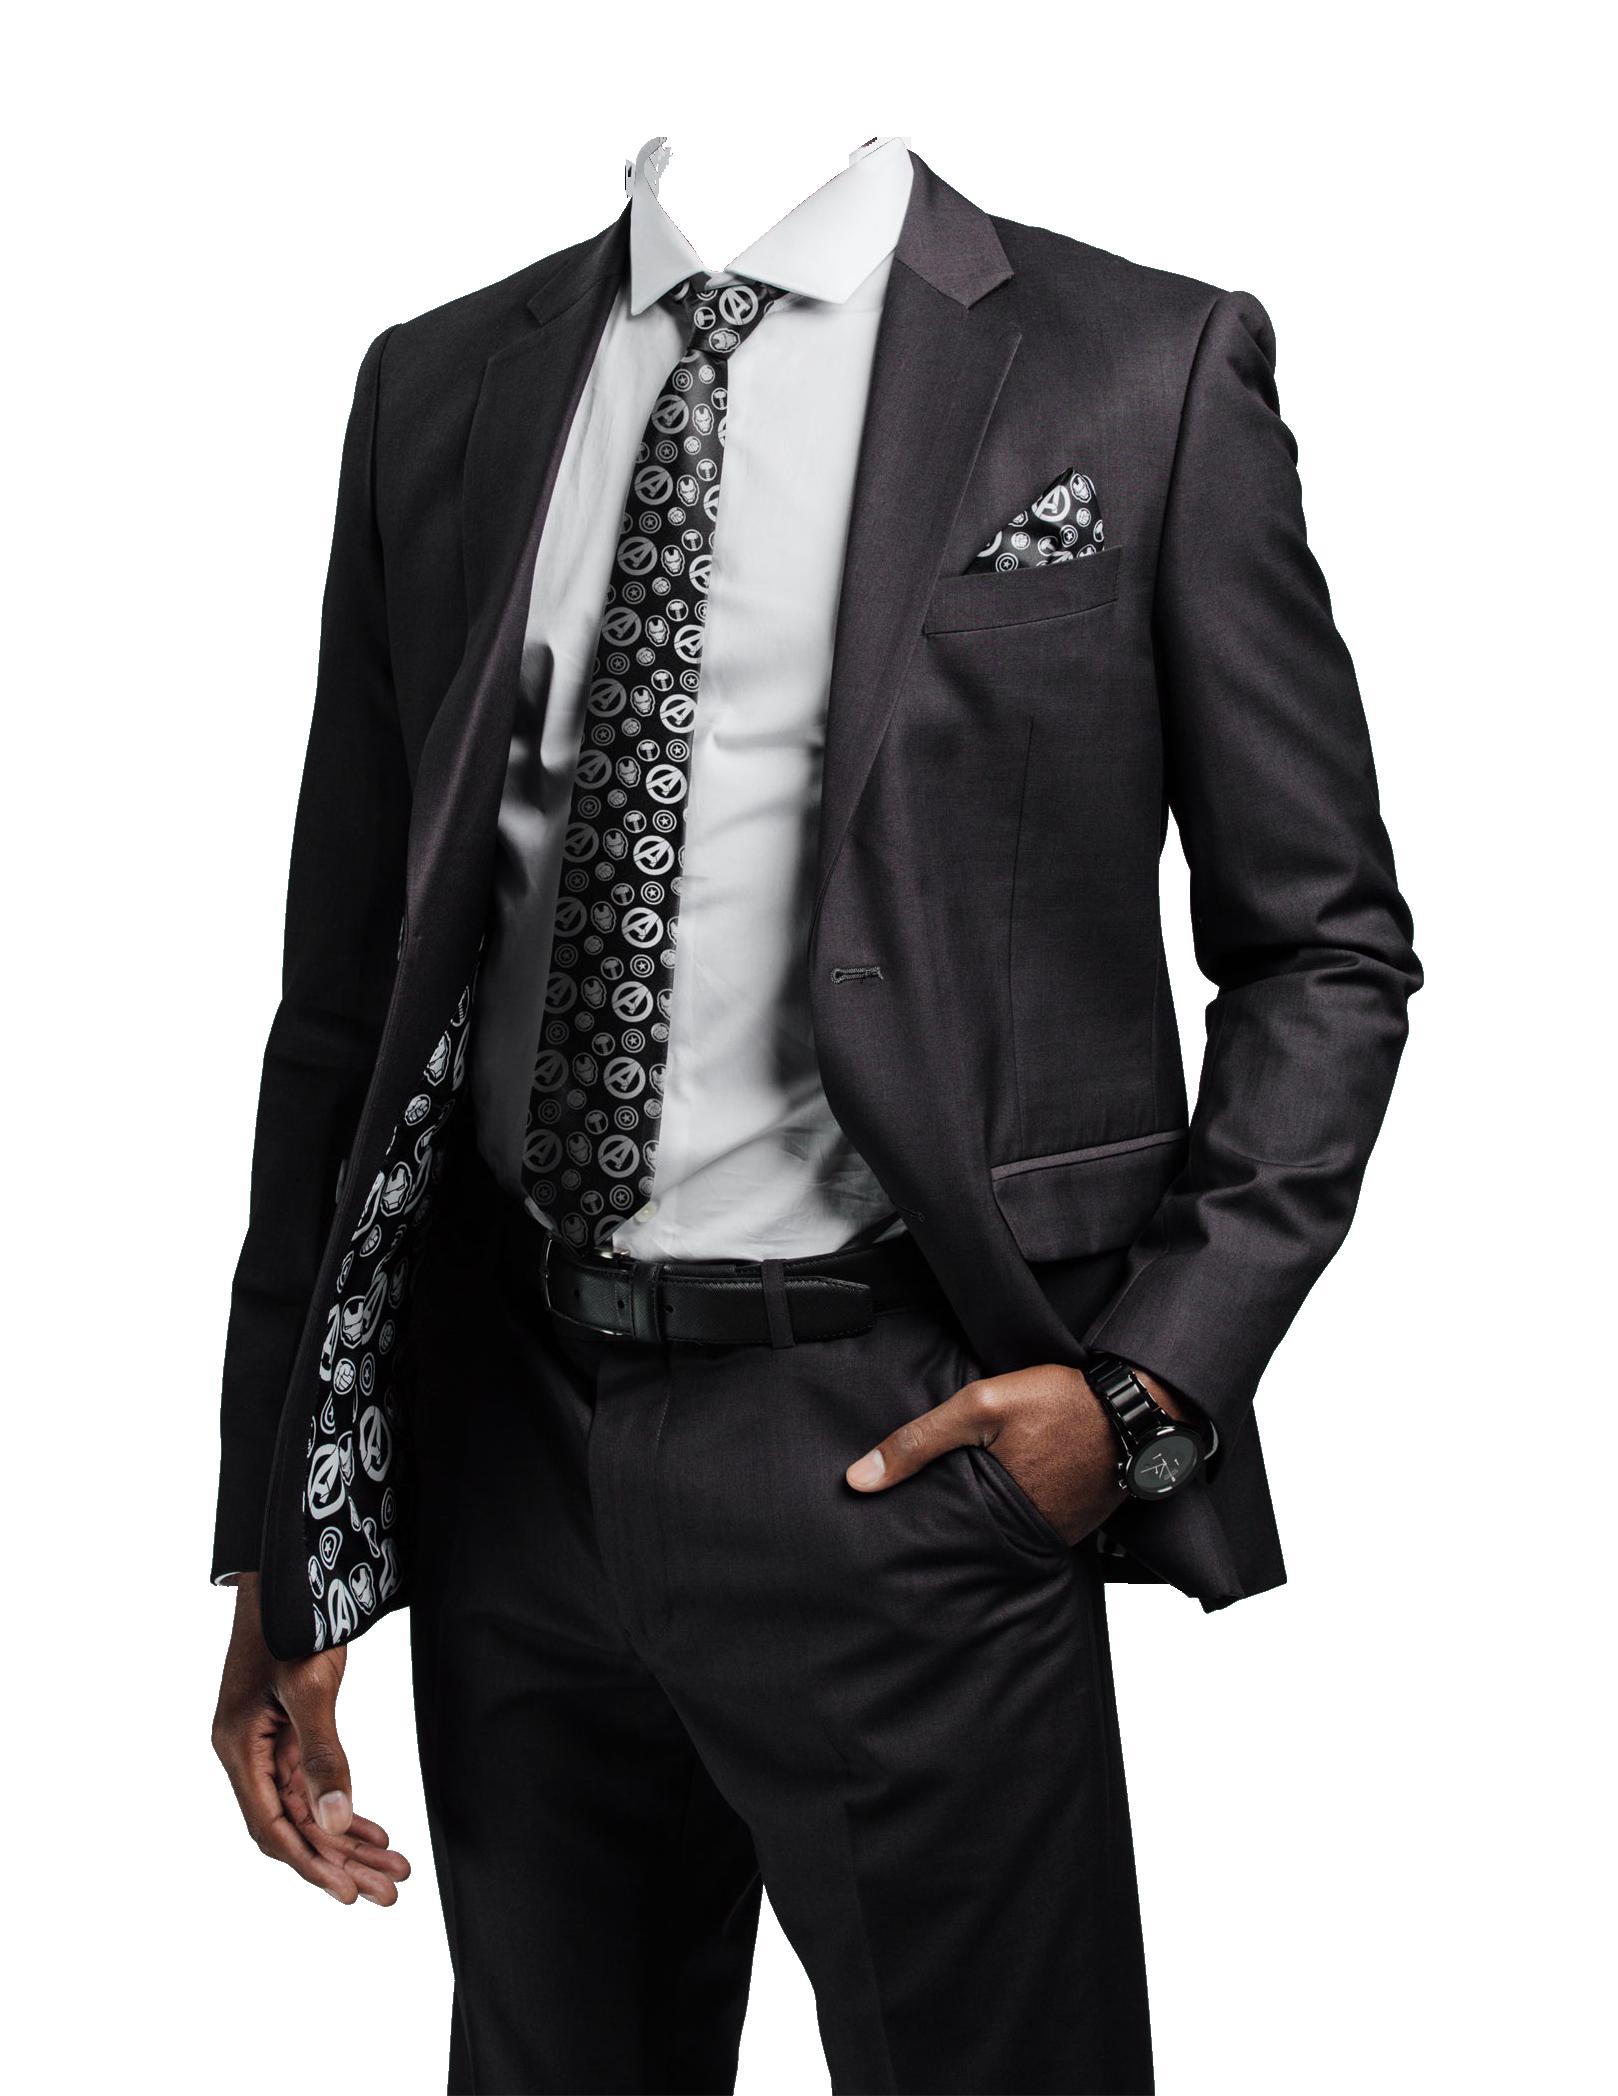 Black Suit PNG Image